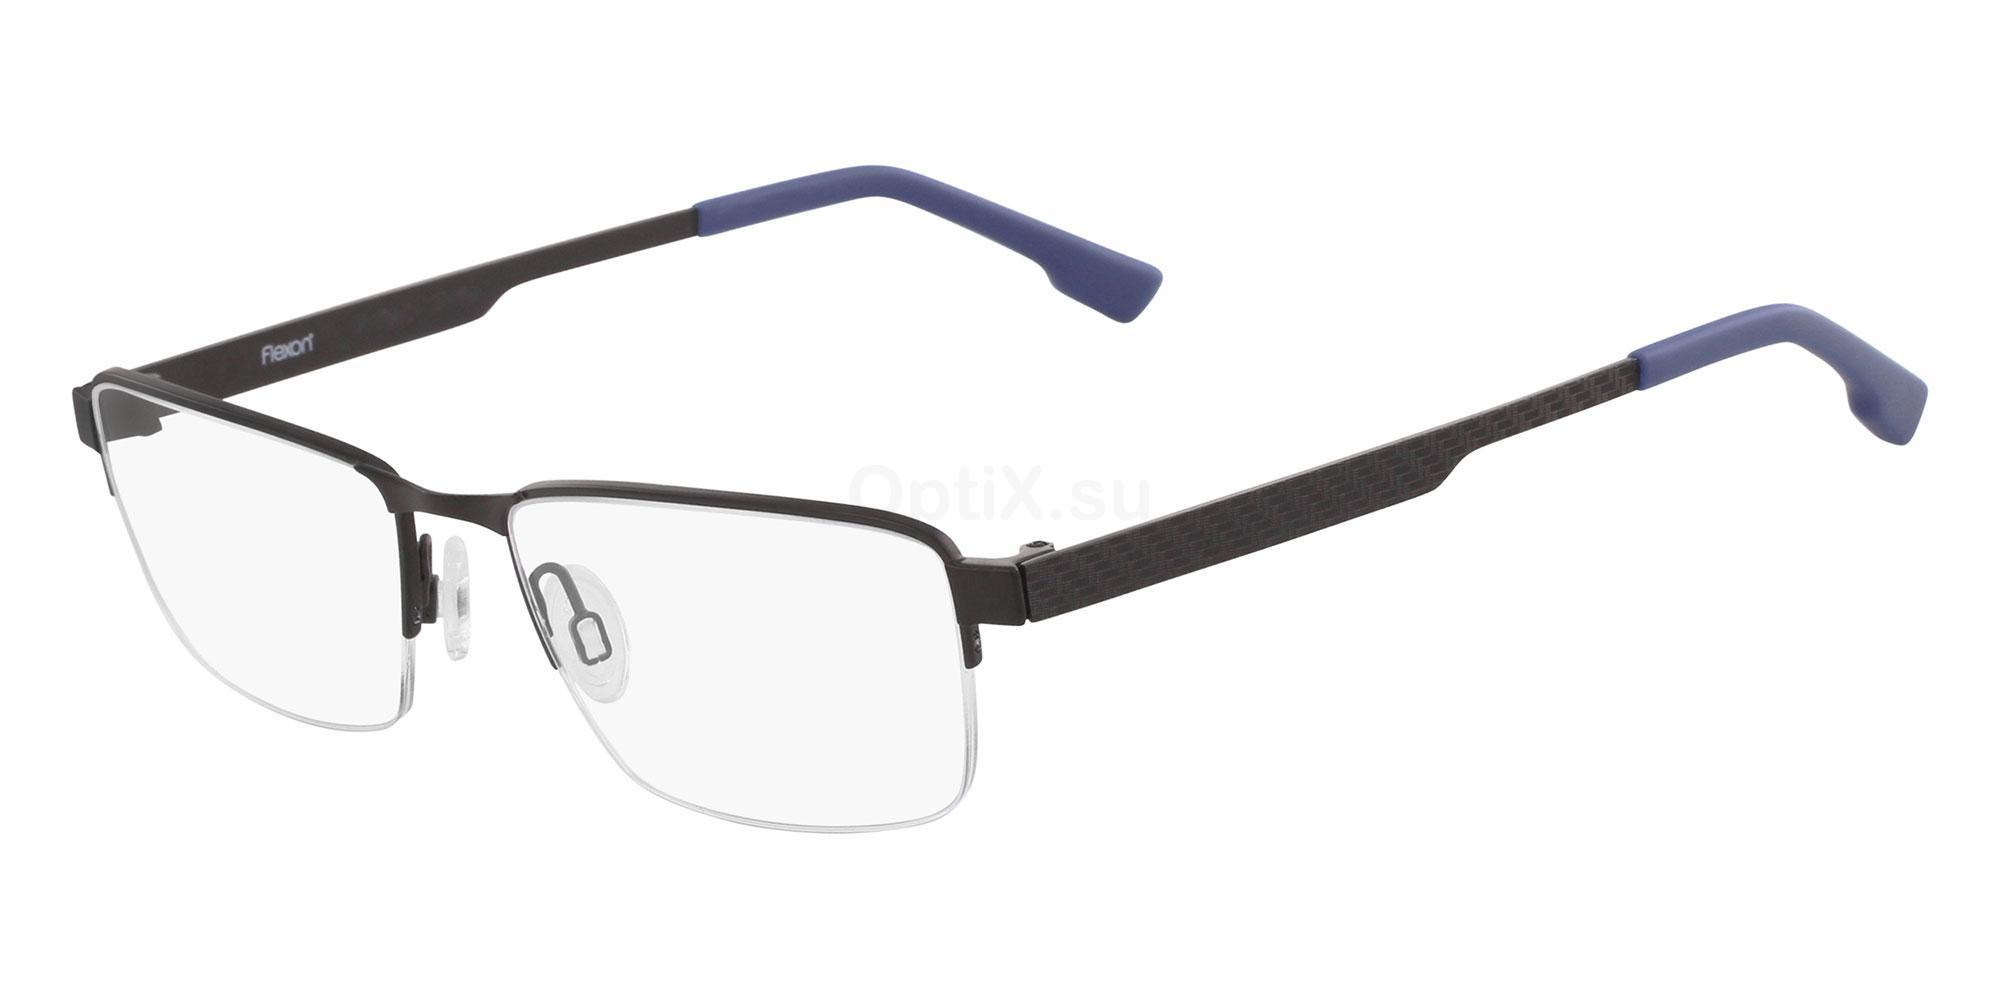 001 FLEXON E1037 Glasses, Flexon